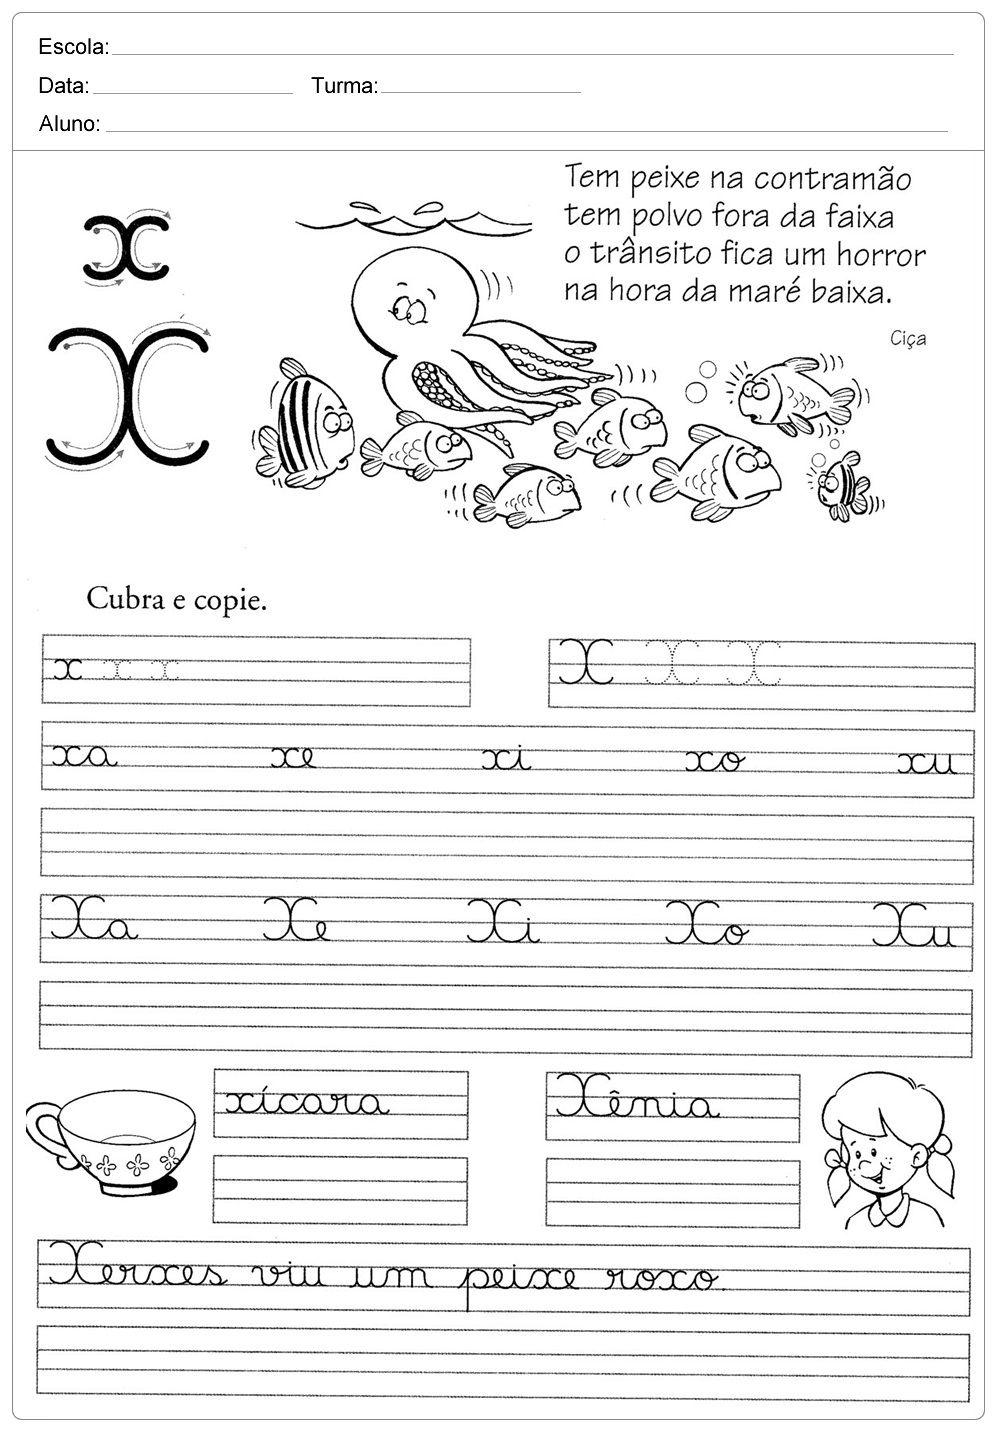 Atividades De Caligrafia Para Imprimir Atividades De Caligrafia